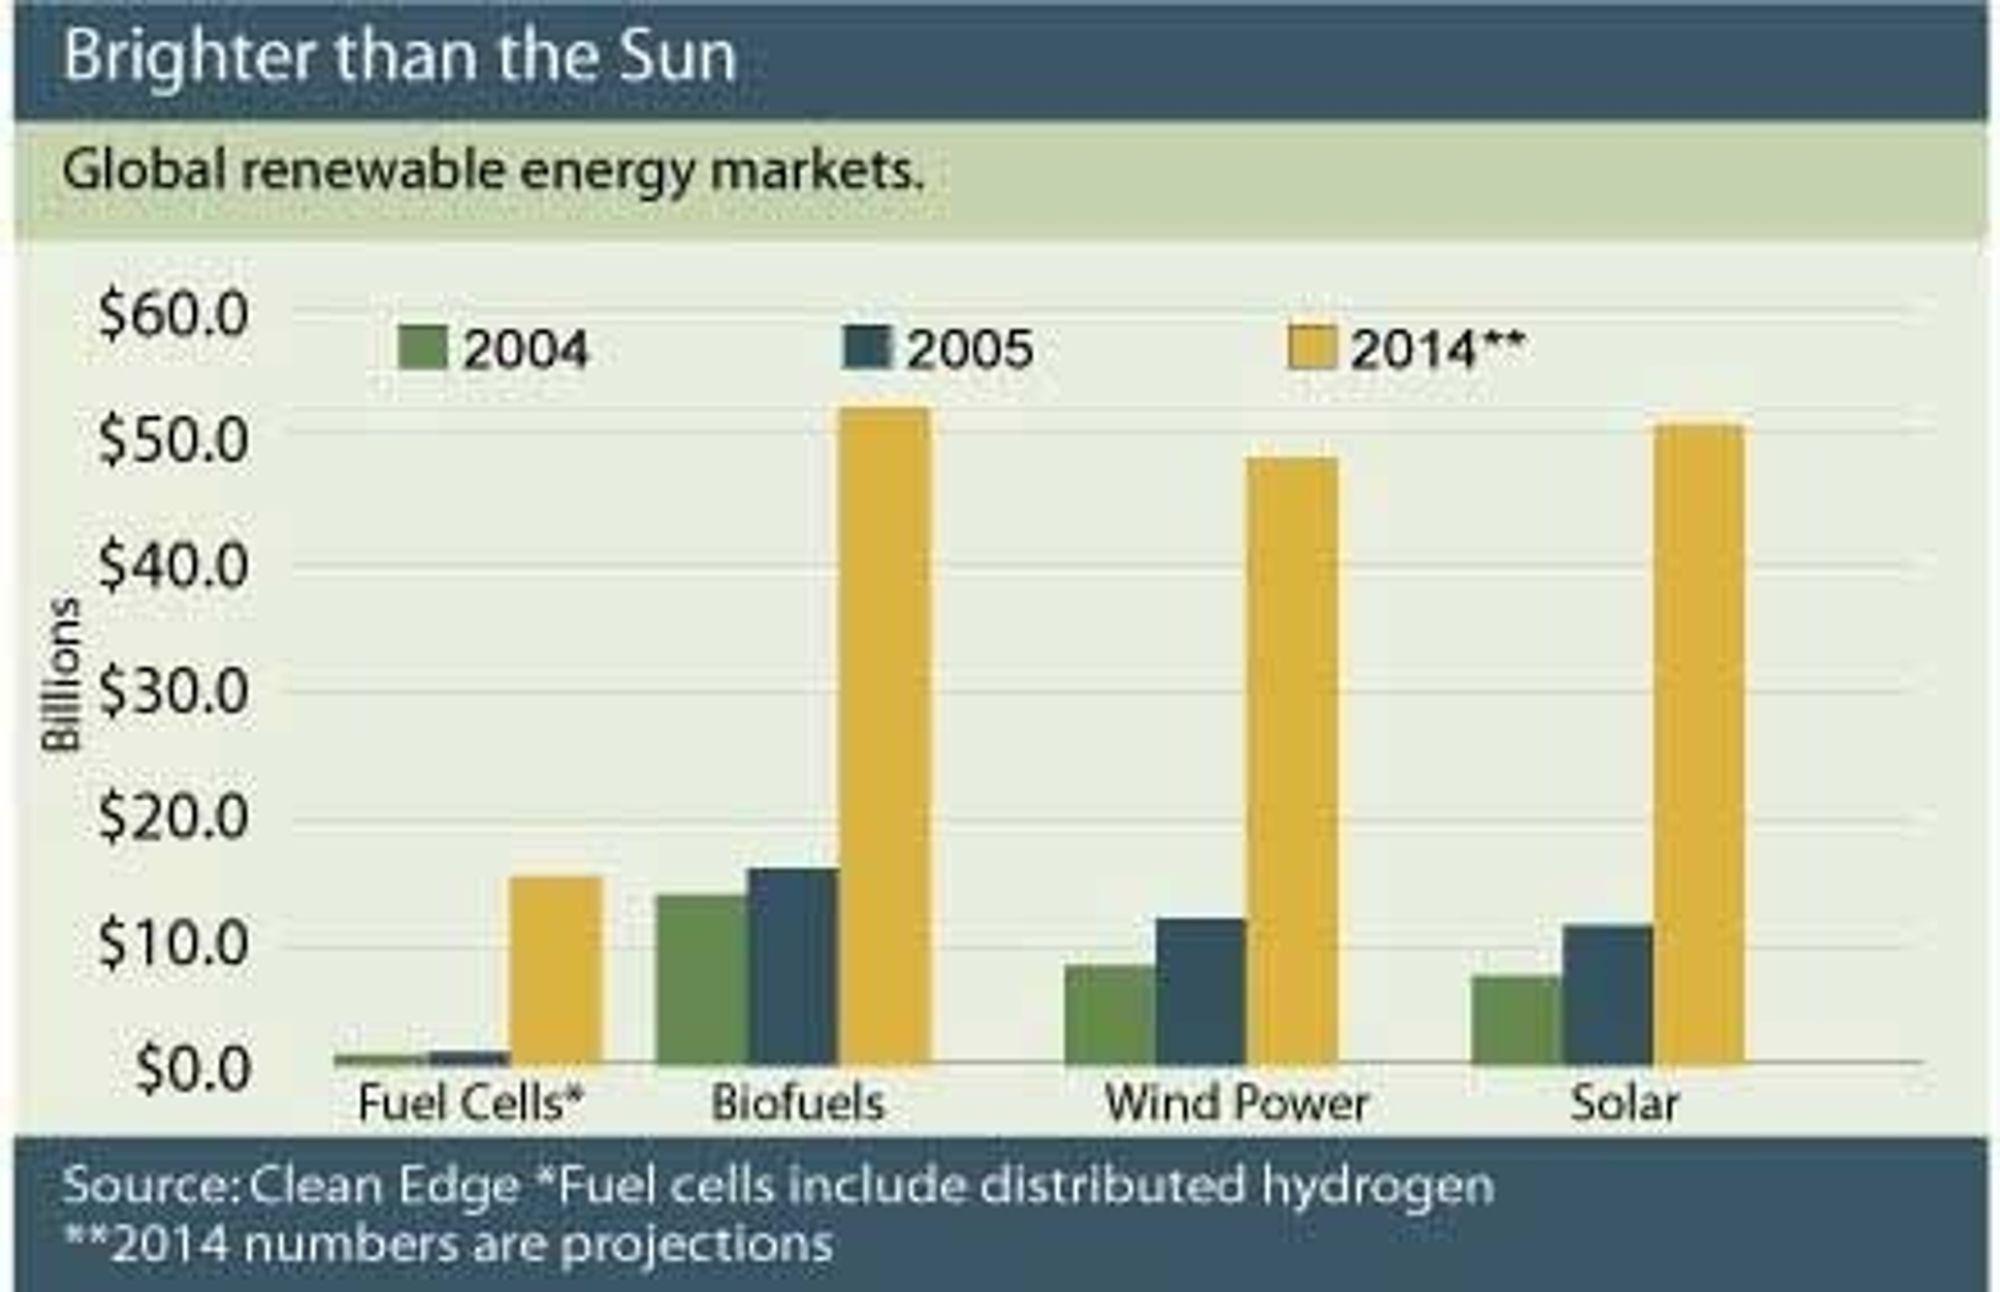 700 milliarder i ren energi